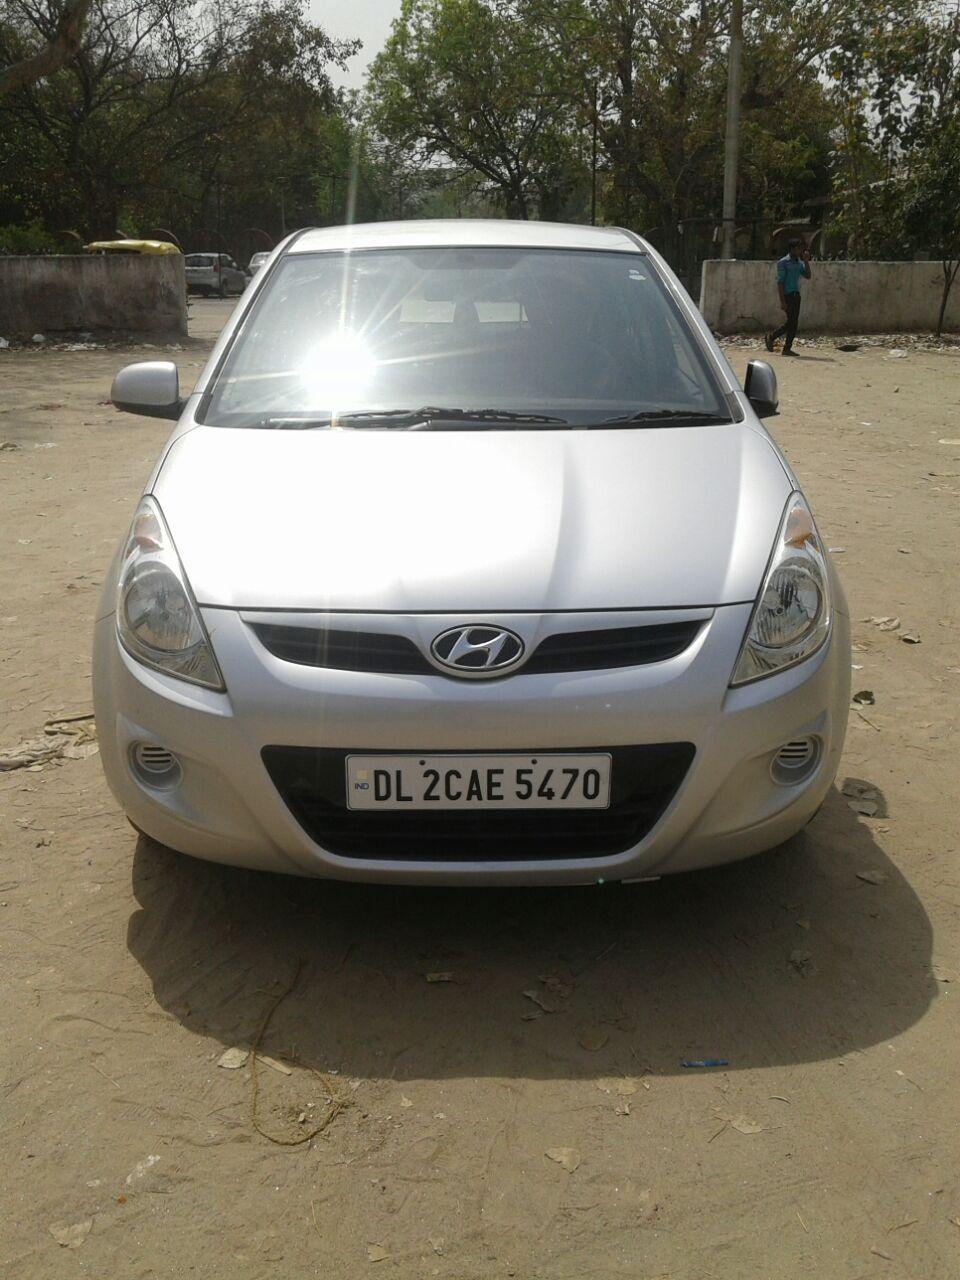 Used I-20 Astha Hyundai in Delhi